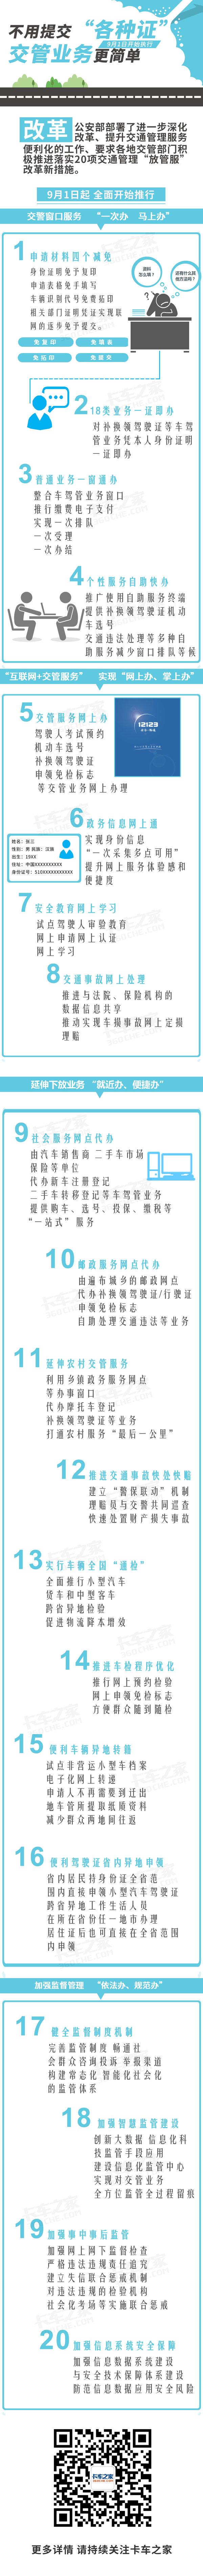 [图说]20项新措施落地办理业务更简单!